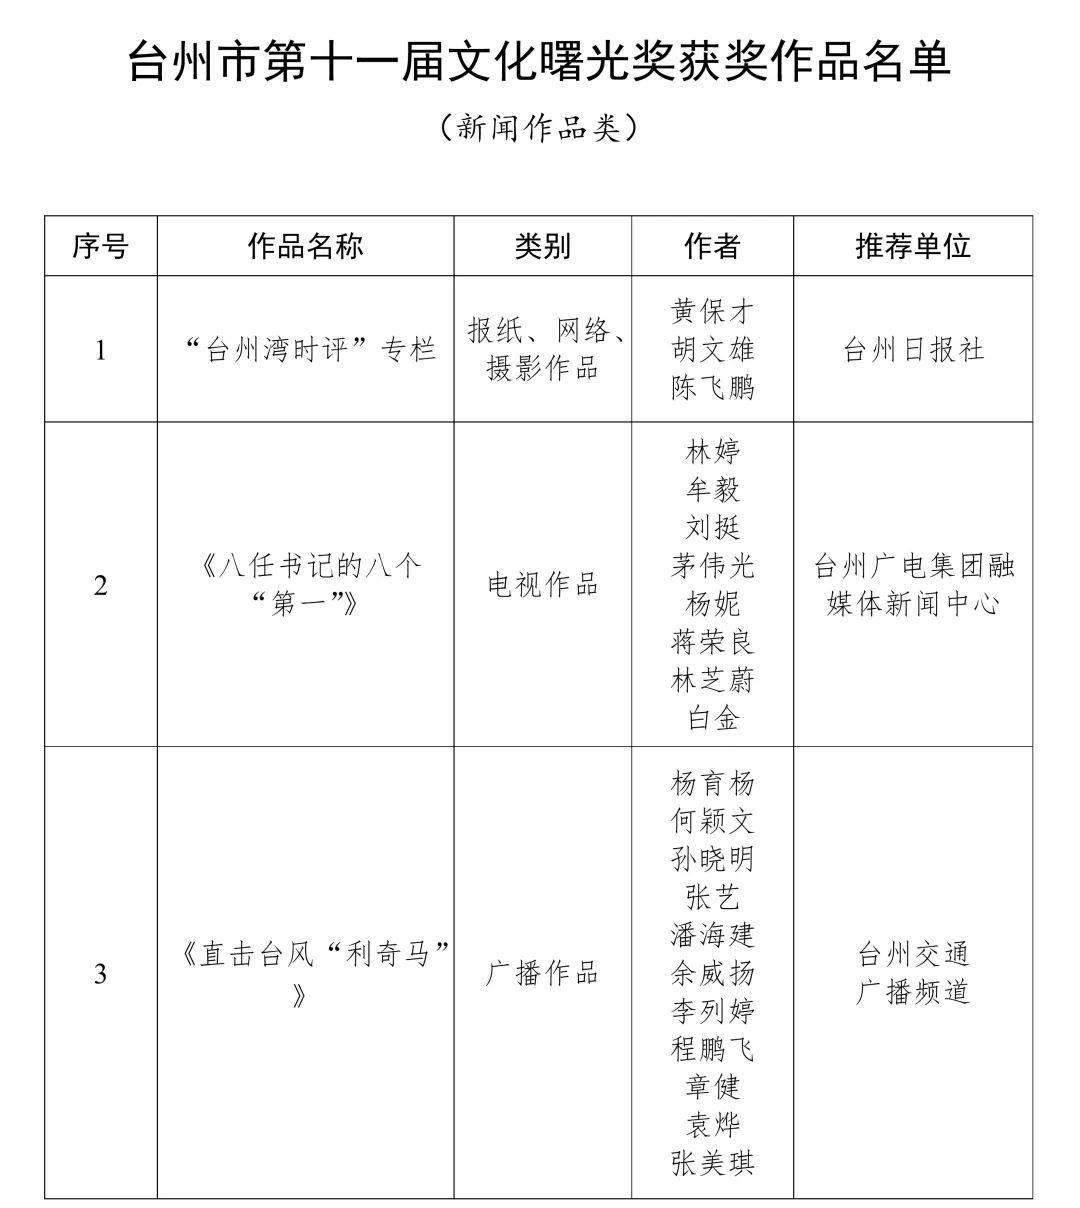 台州公布第十一届文化曙光奖获奖作品名单